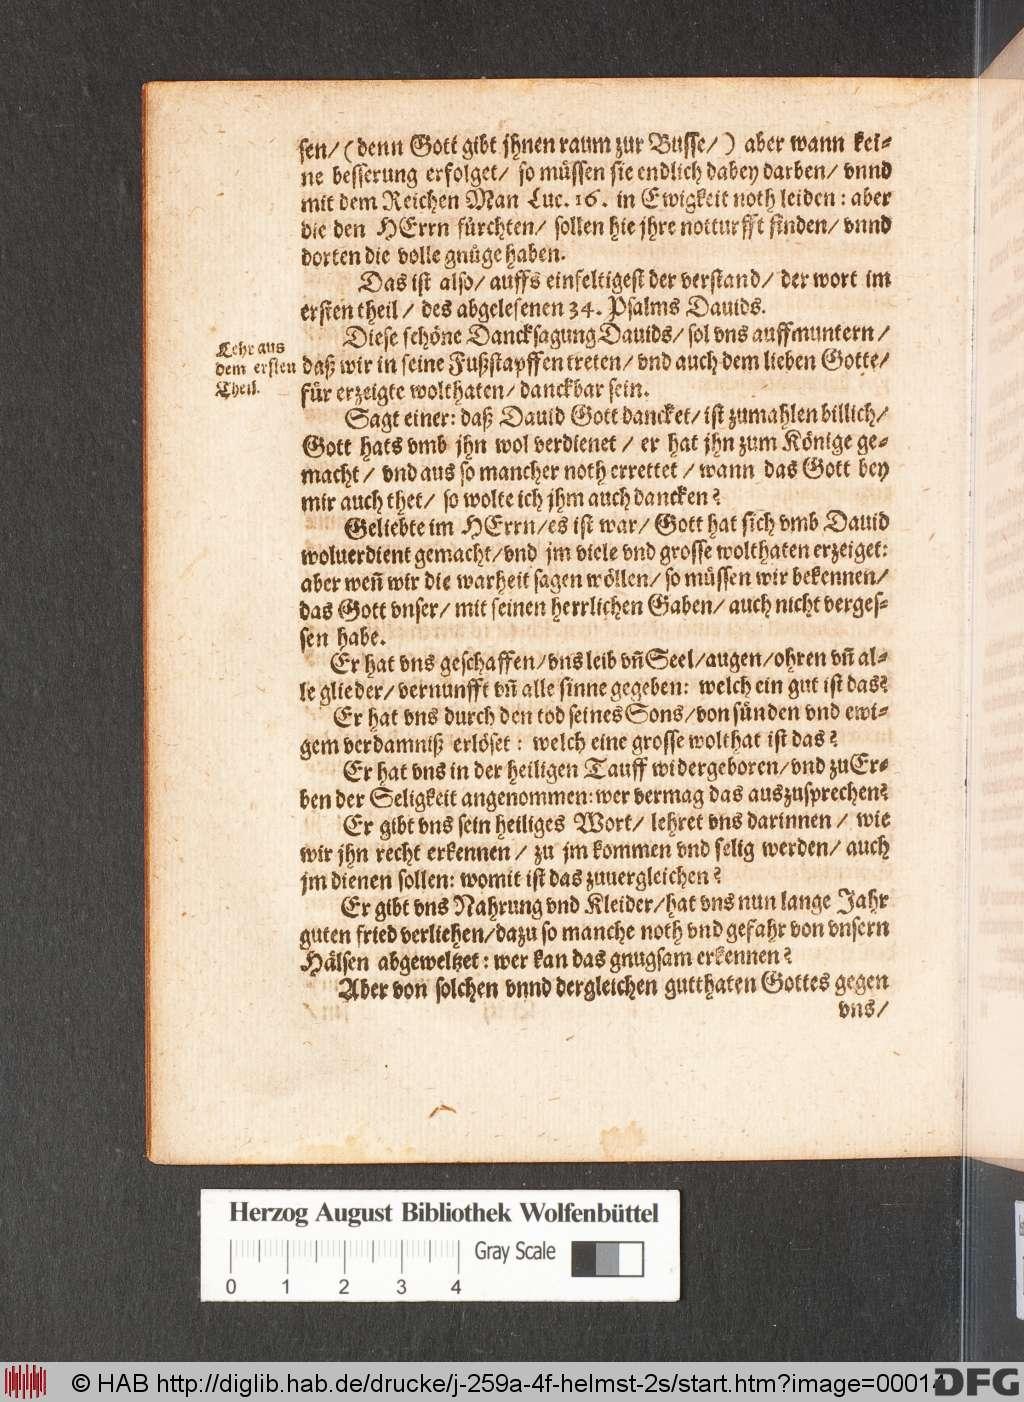 http://diglib.hab.de/drucke/j-259a-4f-helmst-2s/00014.jpg